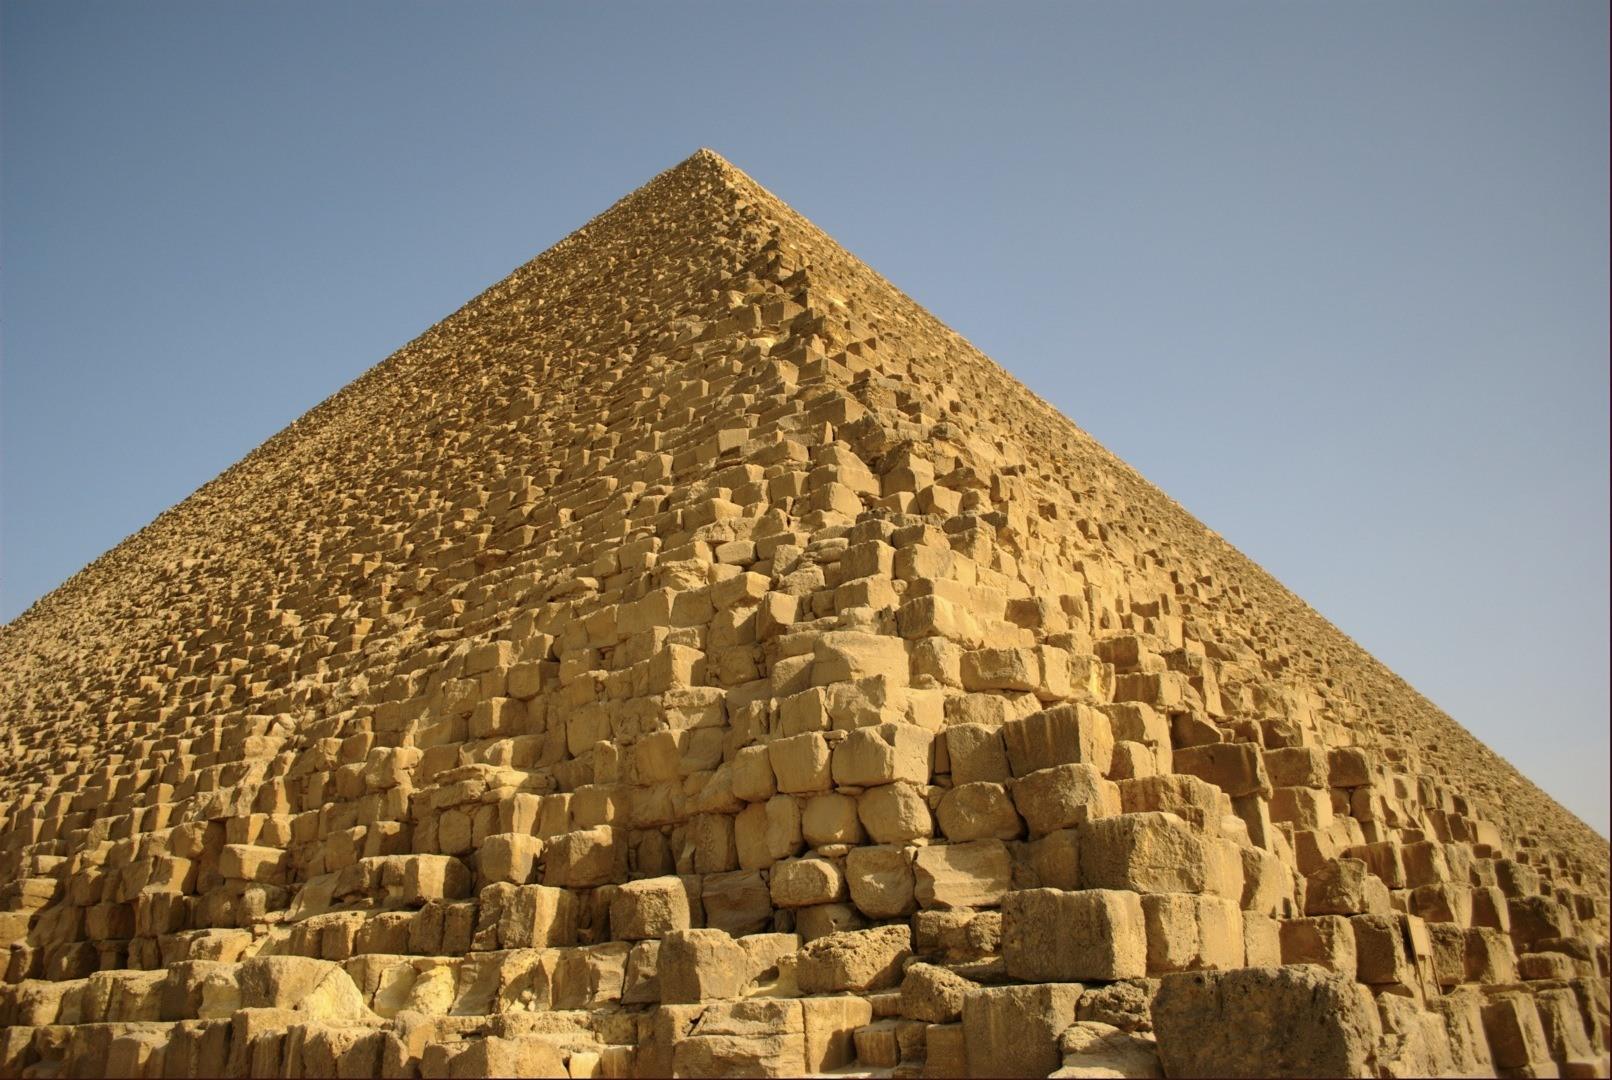 картинки с названием пирамиды слову